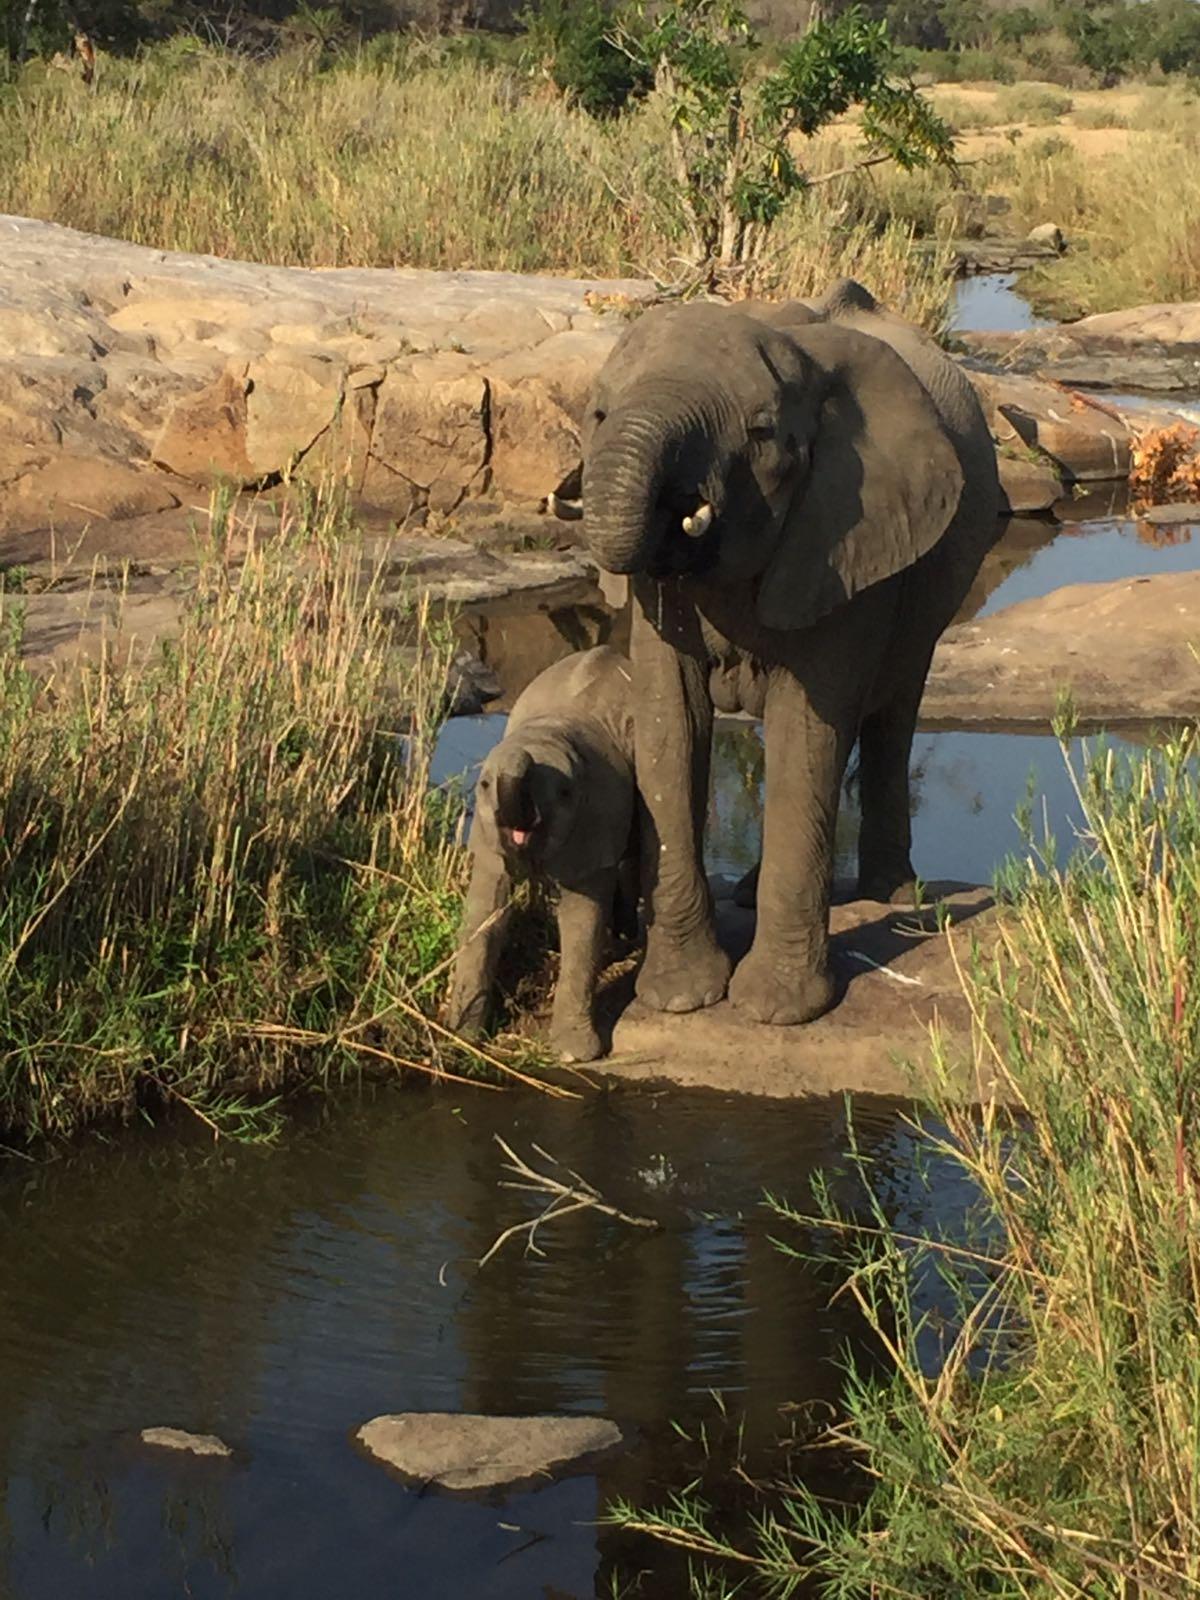 elephants-watering-hole